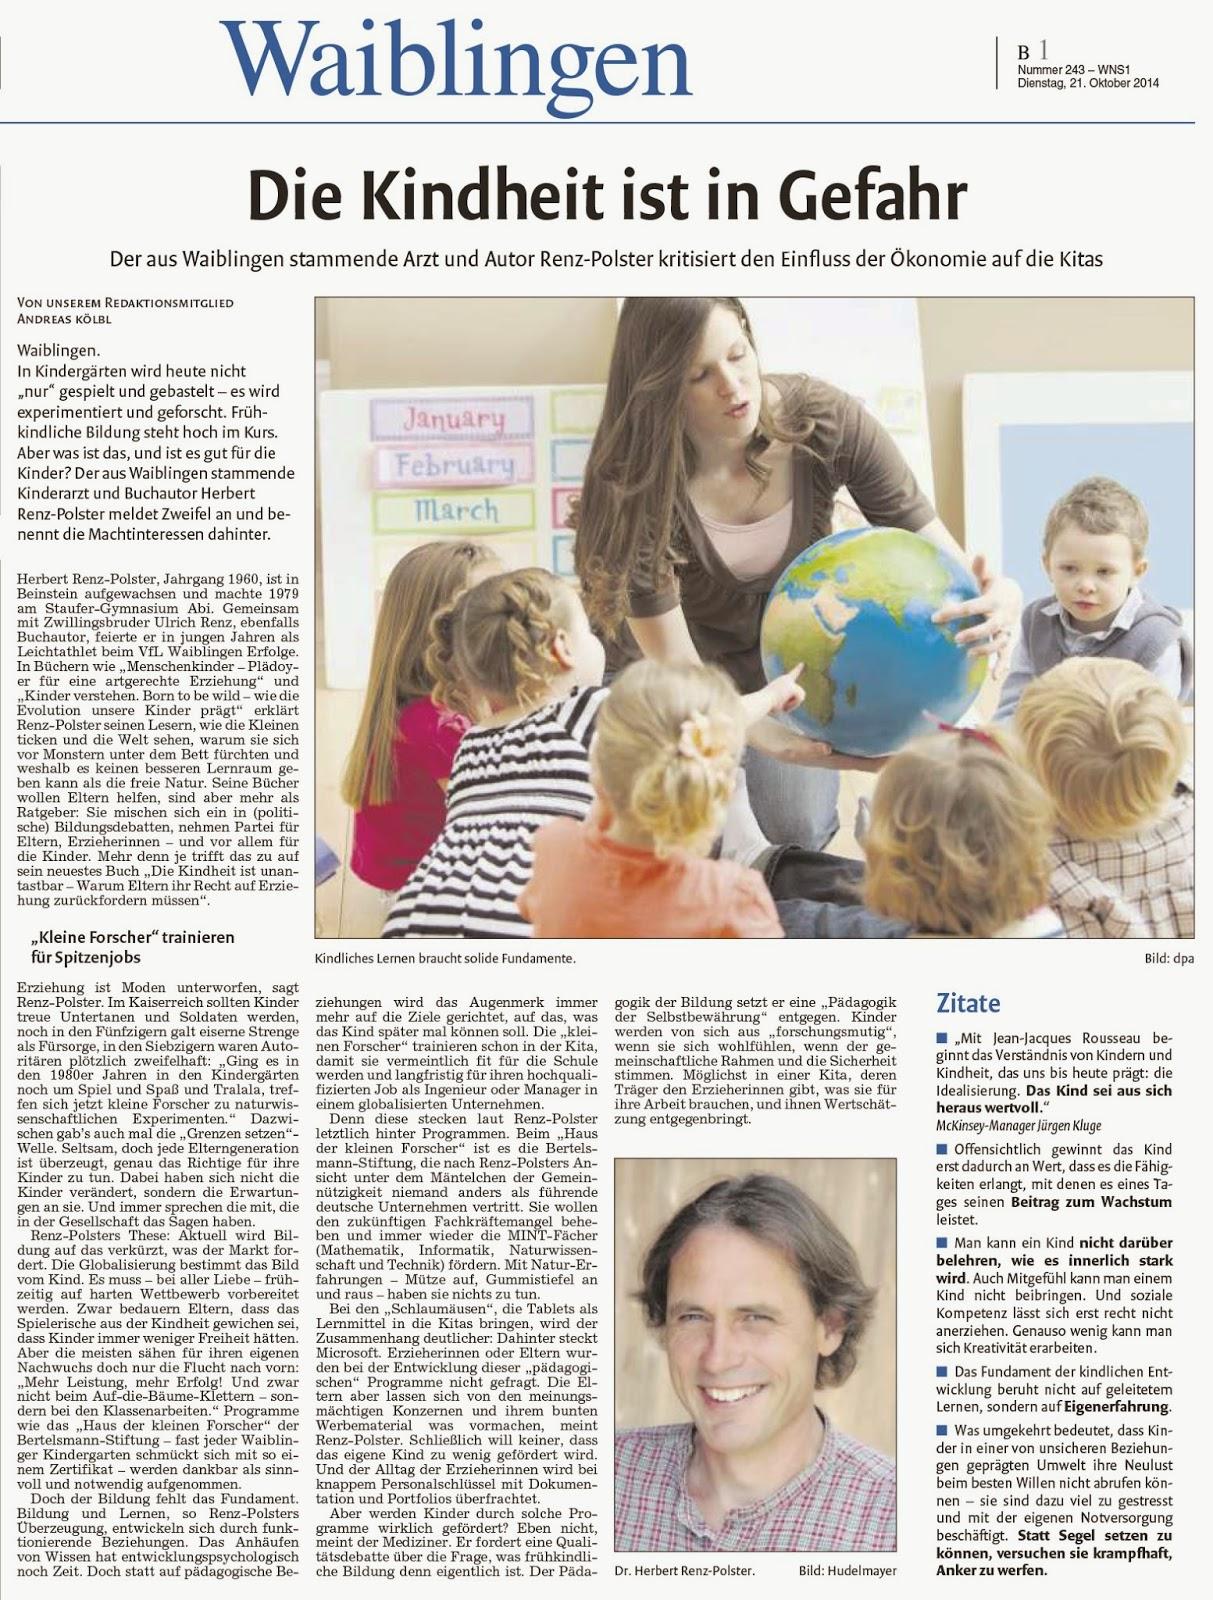 Die Kindheit in Gefahr - ZVW 21.10.2014